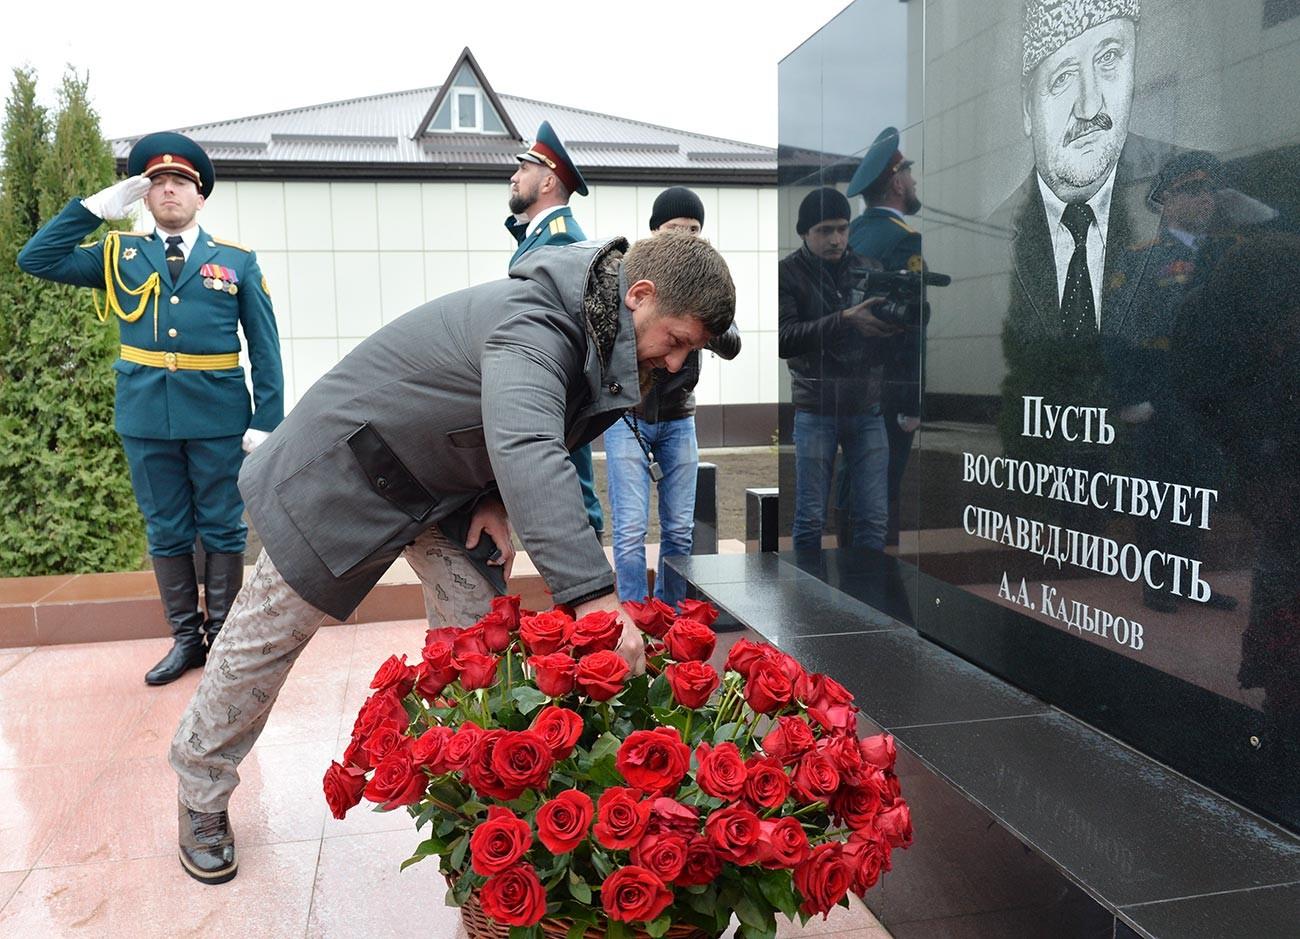 Ръководителят на Чеченската република Рамзан Кадиров поднася цветя на паметника на първия президент на Чеченската република Ахмат Кадиров.